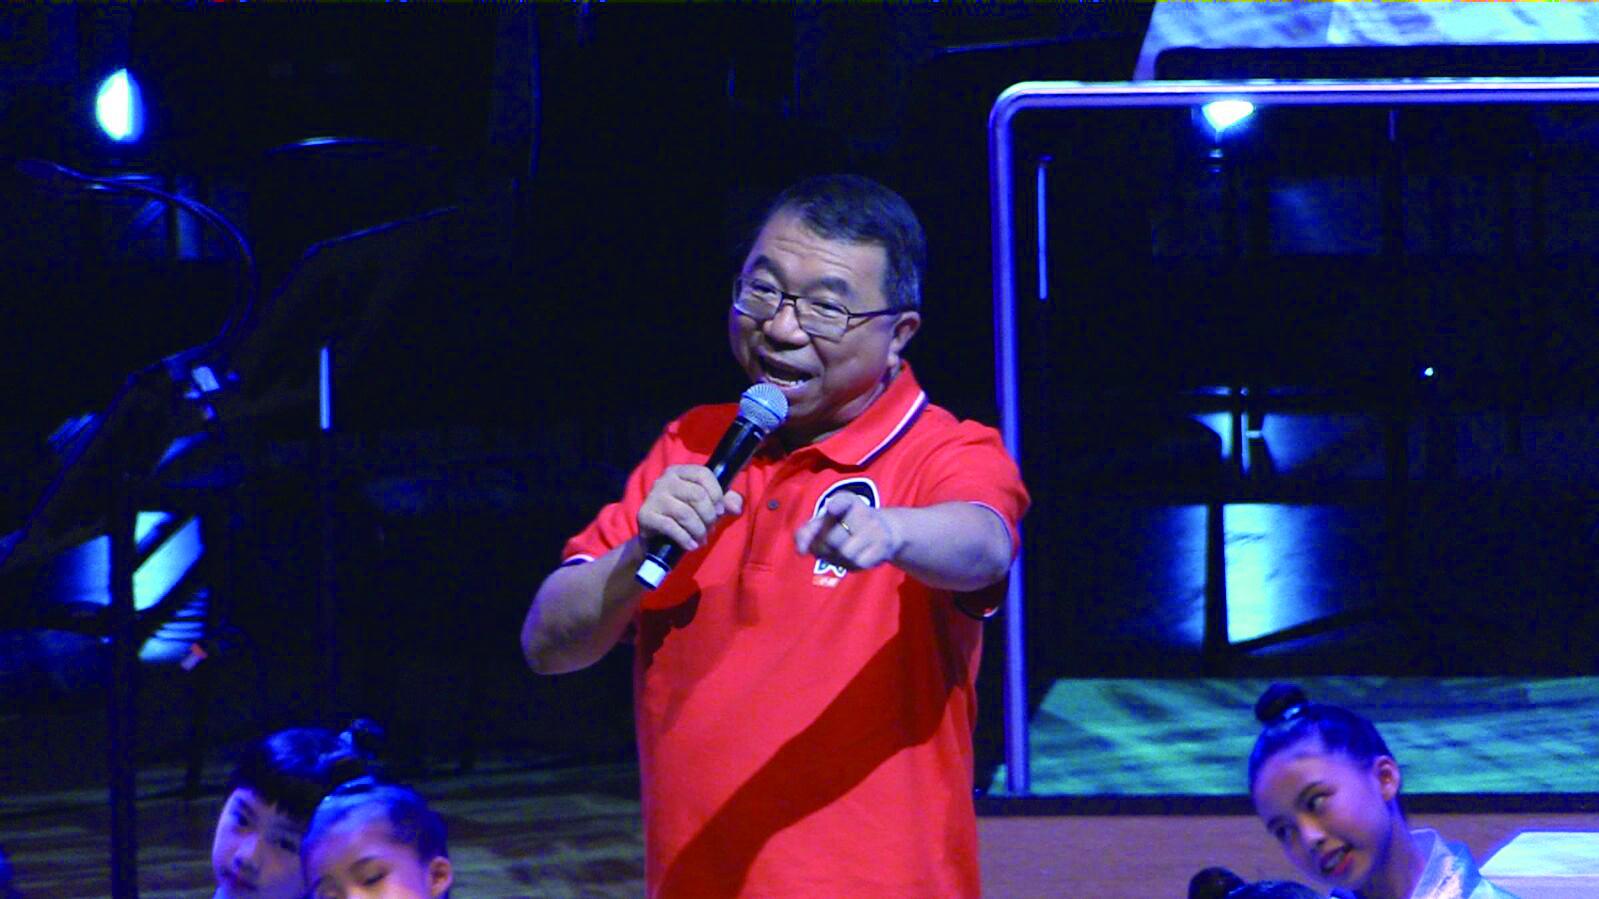 仁醫生演唱《小明坐火車》